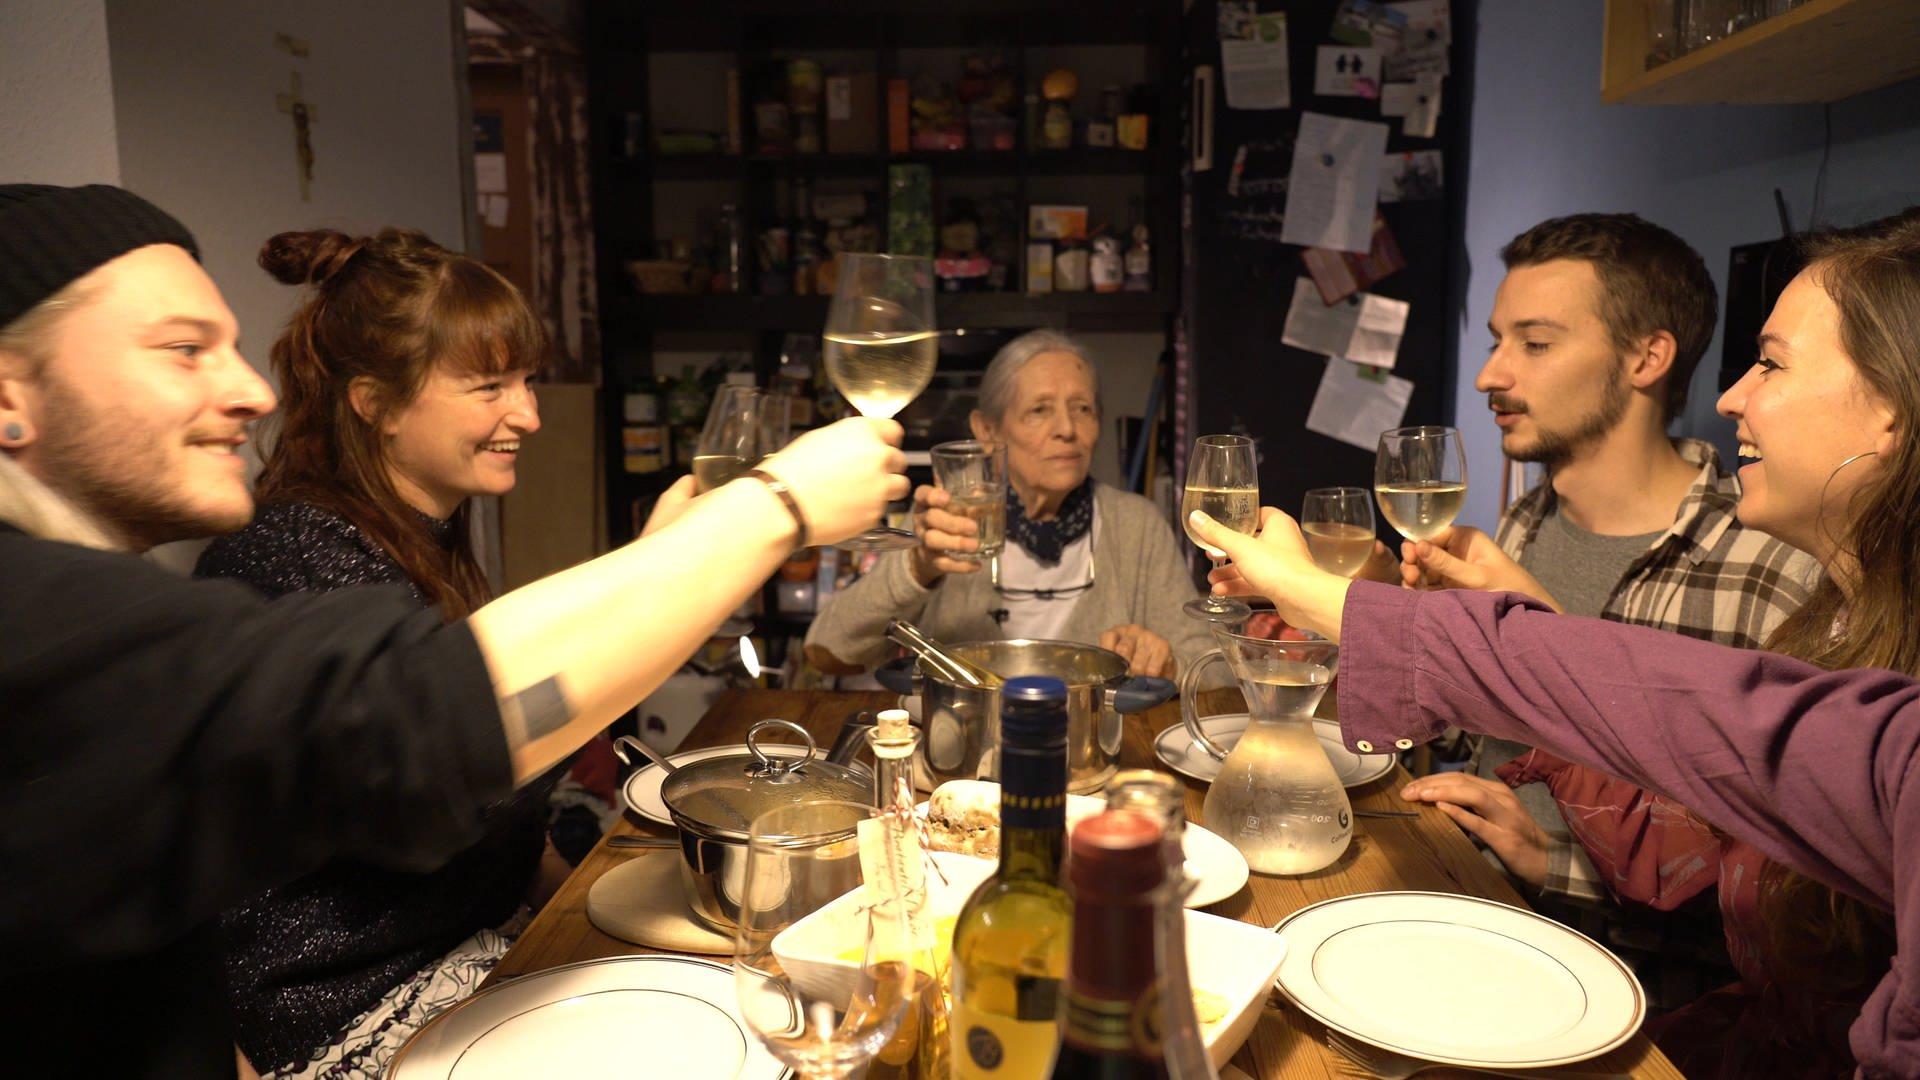 Ein gemütliches Abendessen in einer Stuttgarter WG